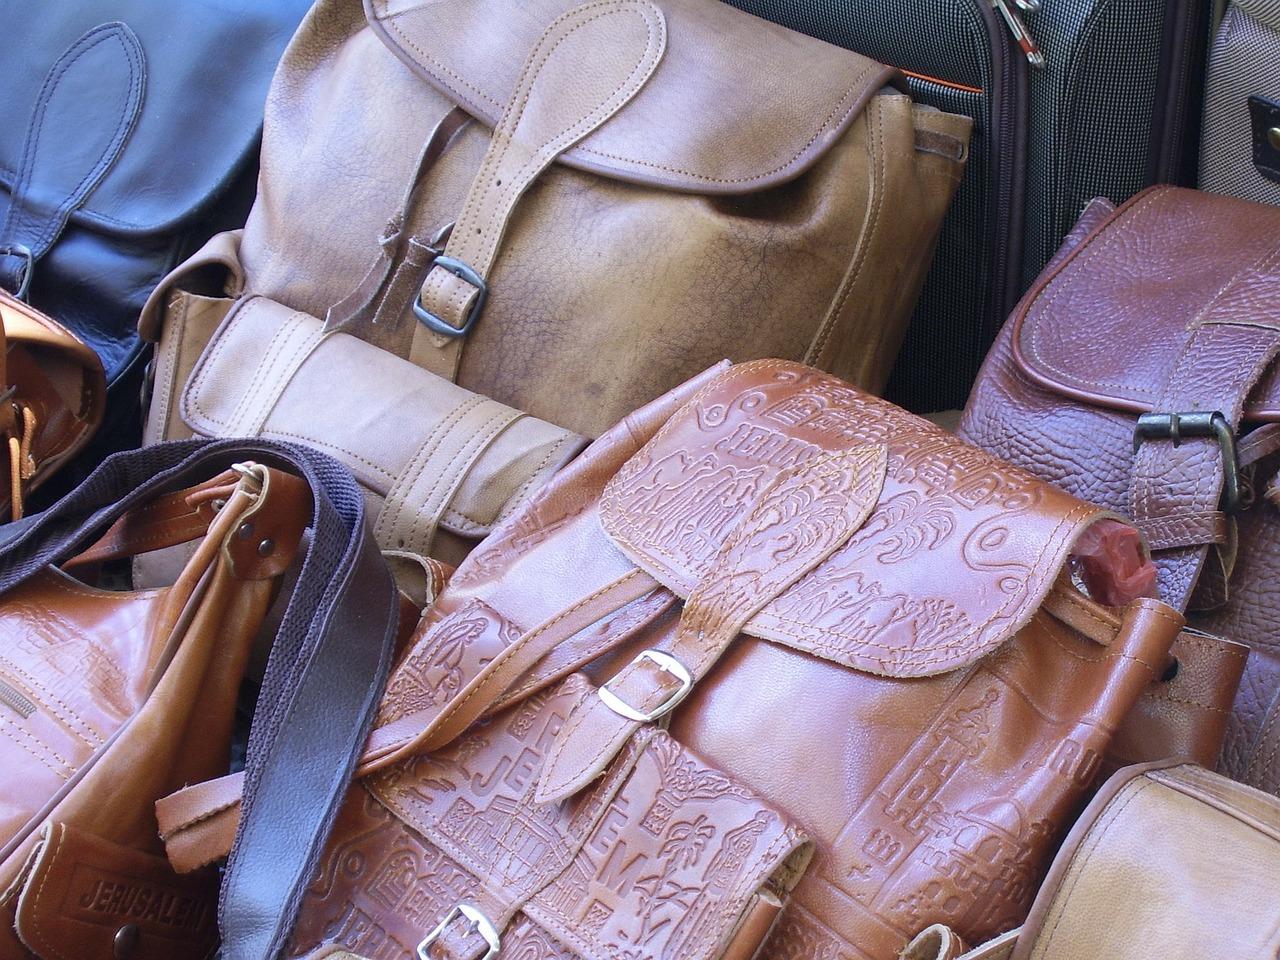 Quelques conseils pour nettoyer votre sac à main